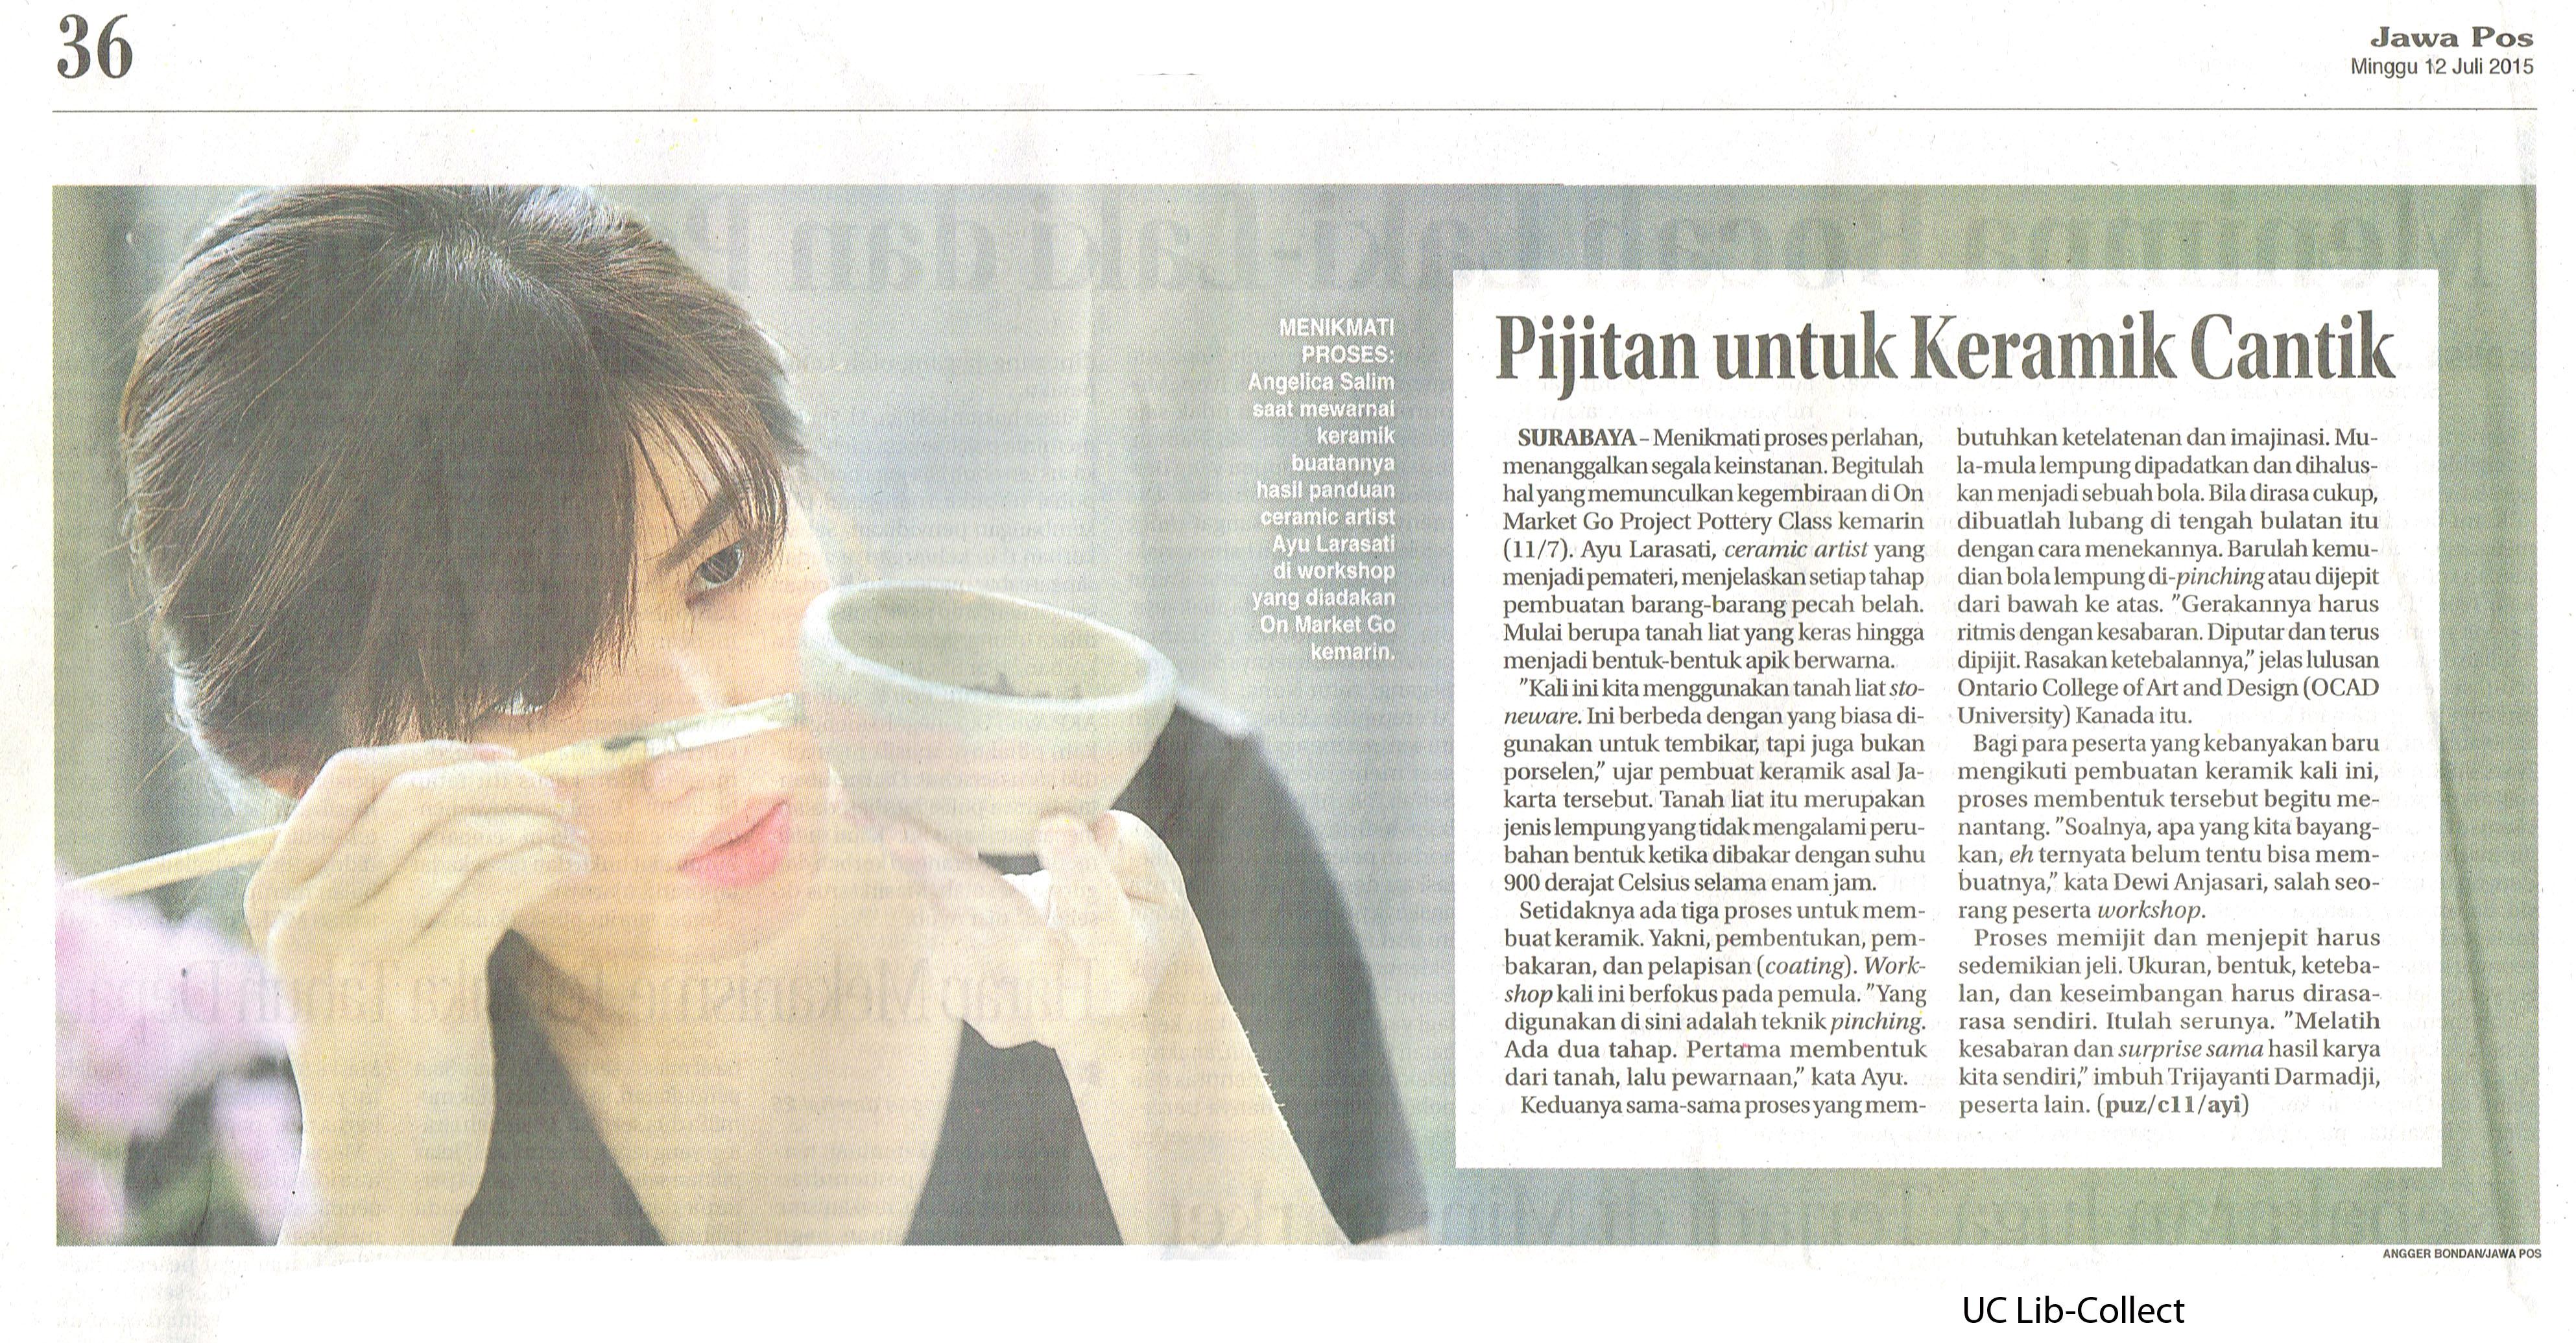 Pijitan untuk Keramik Cantik. 12 Juli 2015.Hal.36